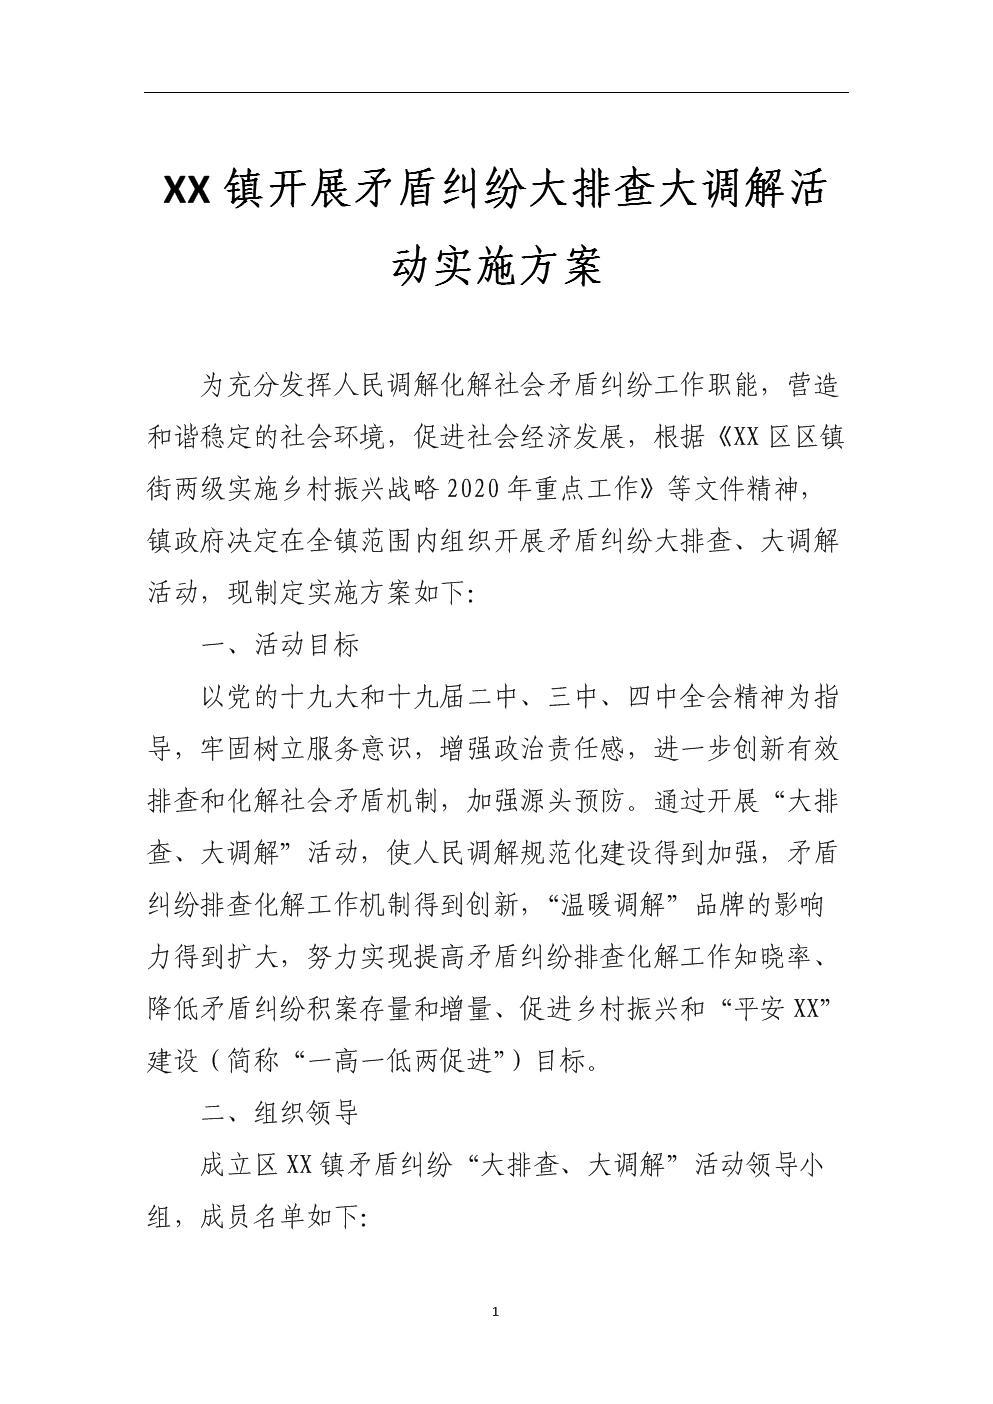 镇开展矛盾纠纷大排查大调解活动实施方案.doc